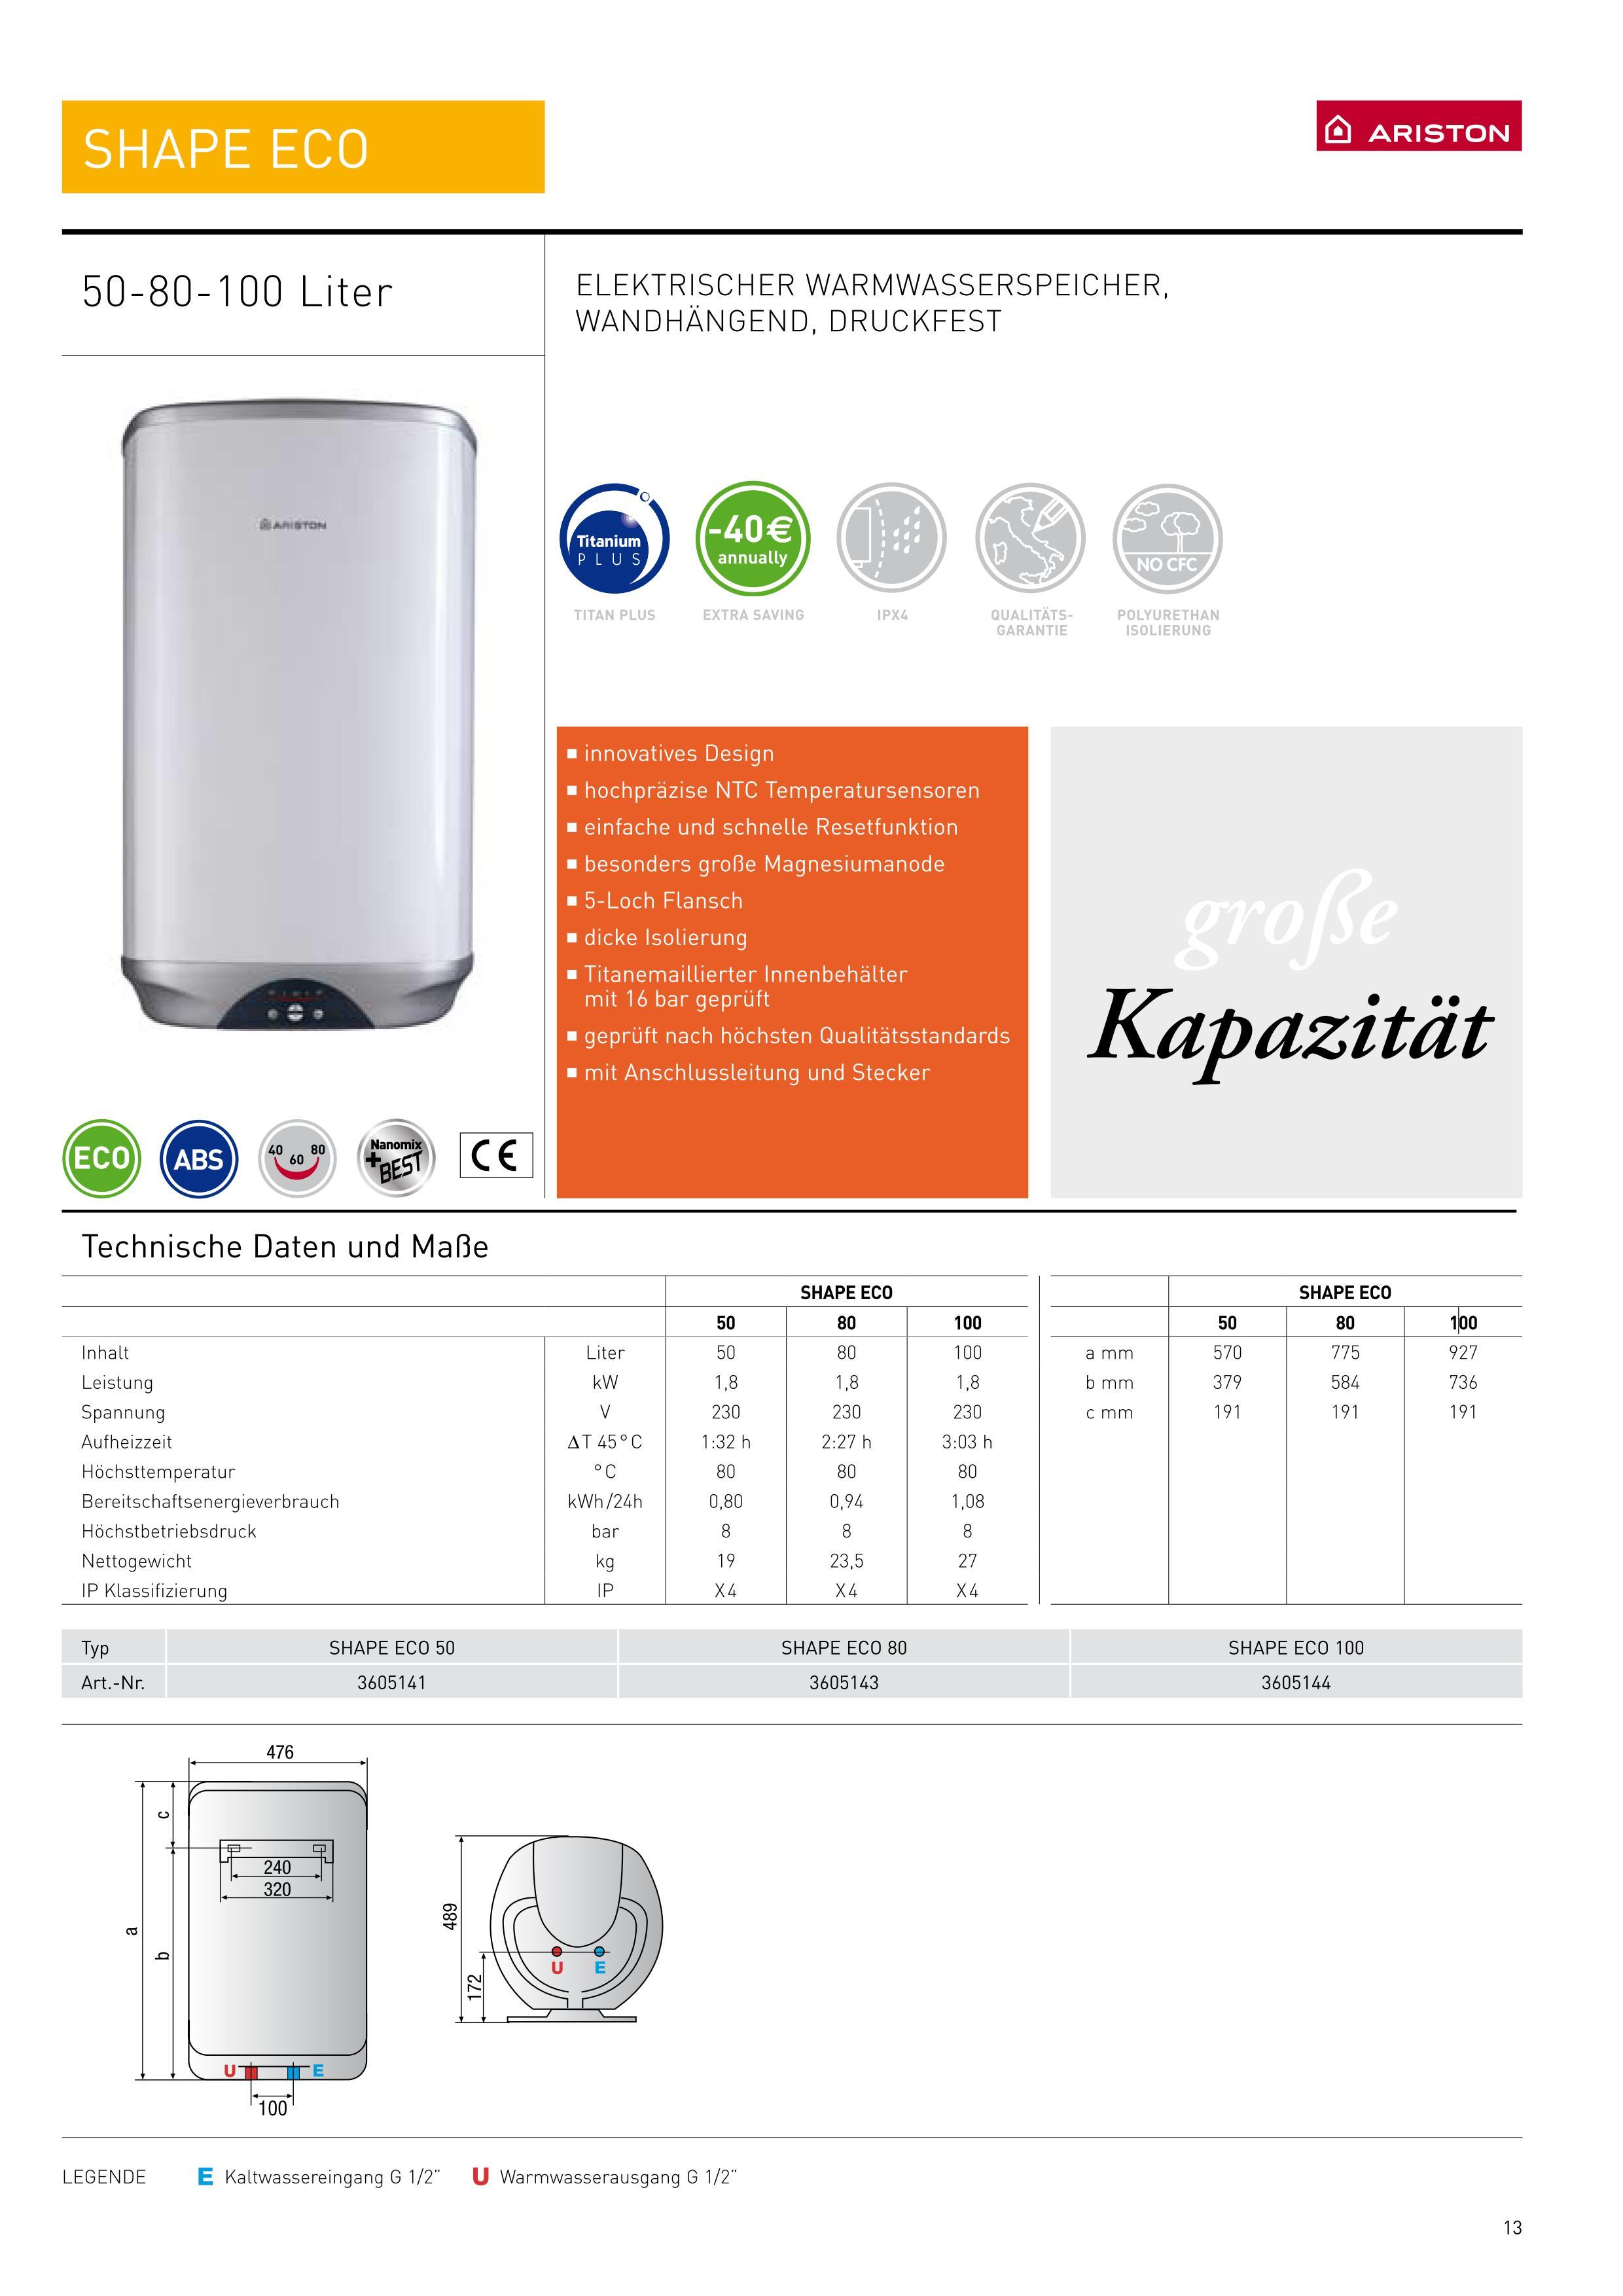 warmwasserspeicher ariston 50 l shape eco druck boiler mit. Black Bedroom Furniture Sets. Home Design Ideas